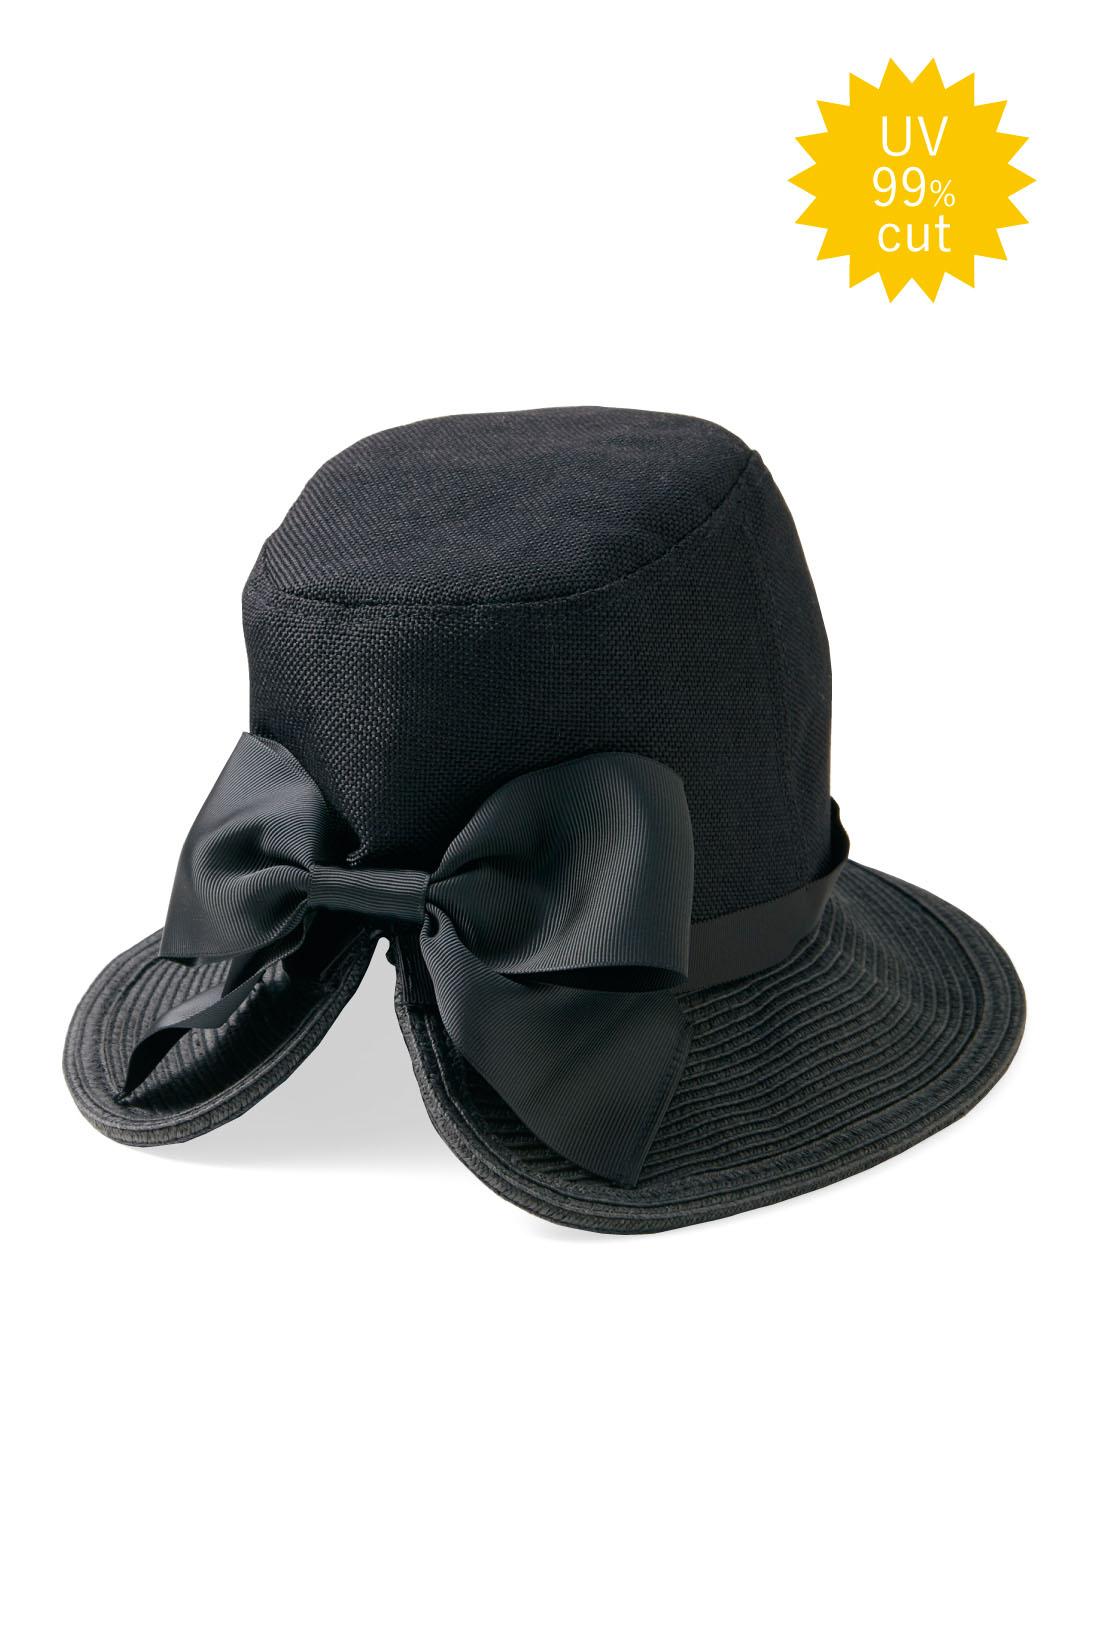 大人シックな〈ブラック〉こっそりゴムひも付きで風の強い日にも便利。